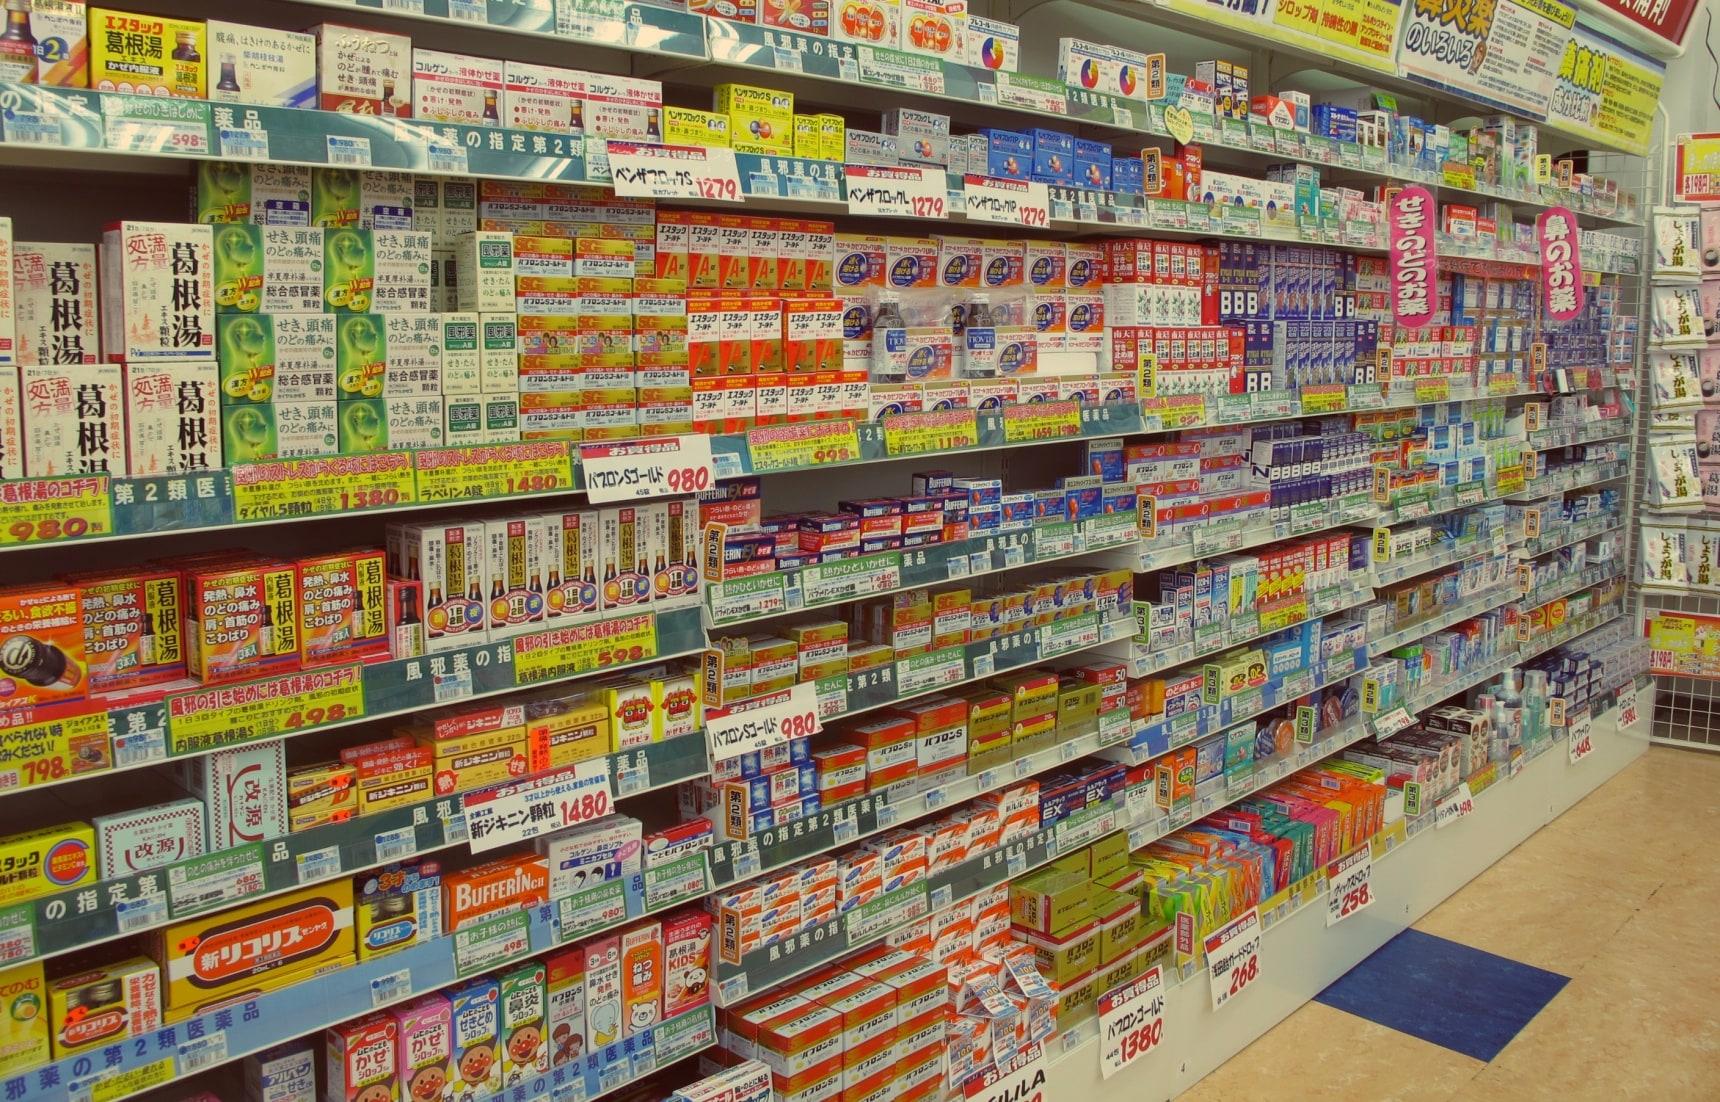 일본에서 소화불량에 대처하는 방법?